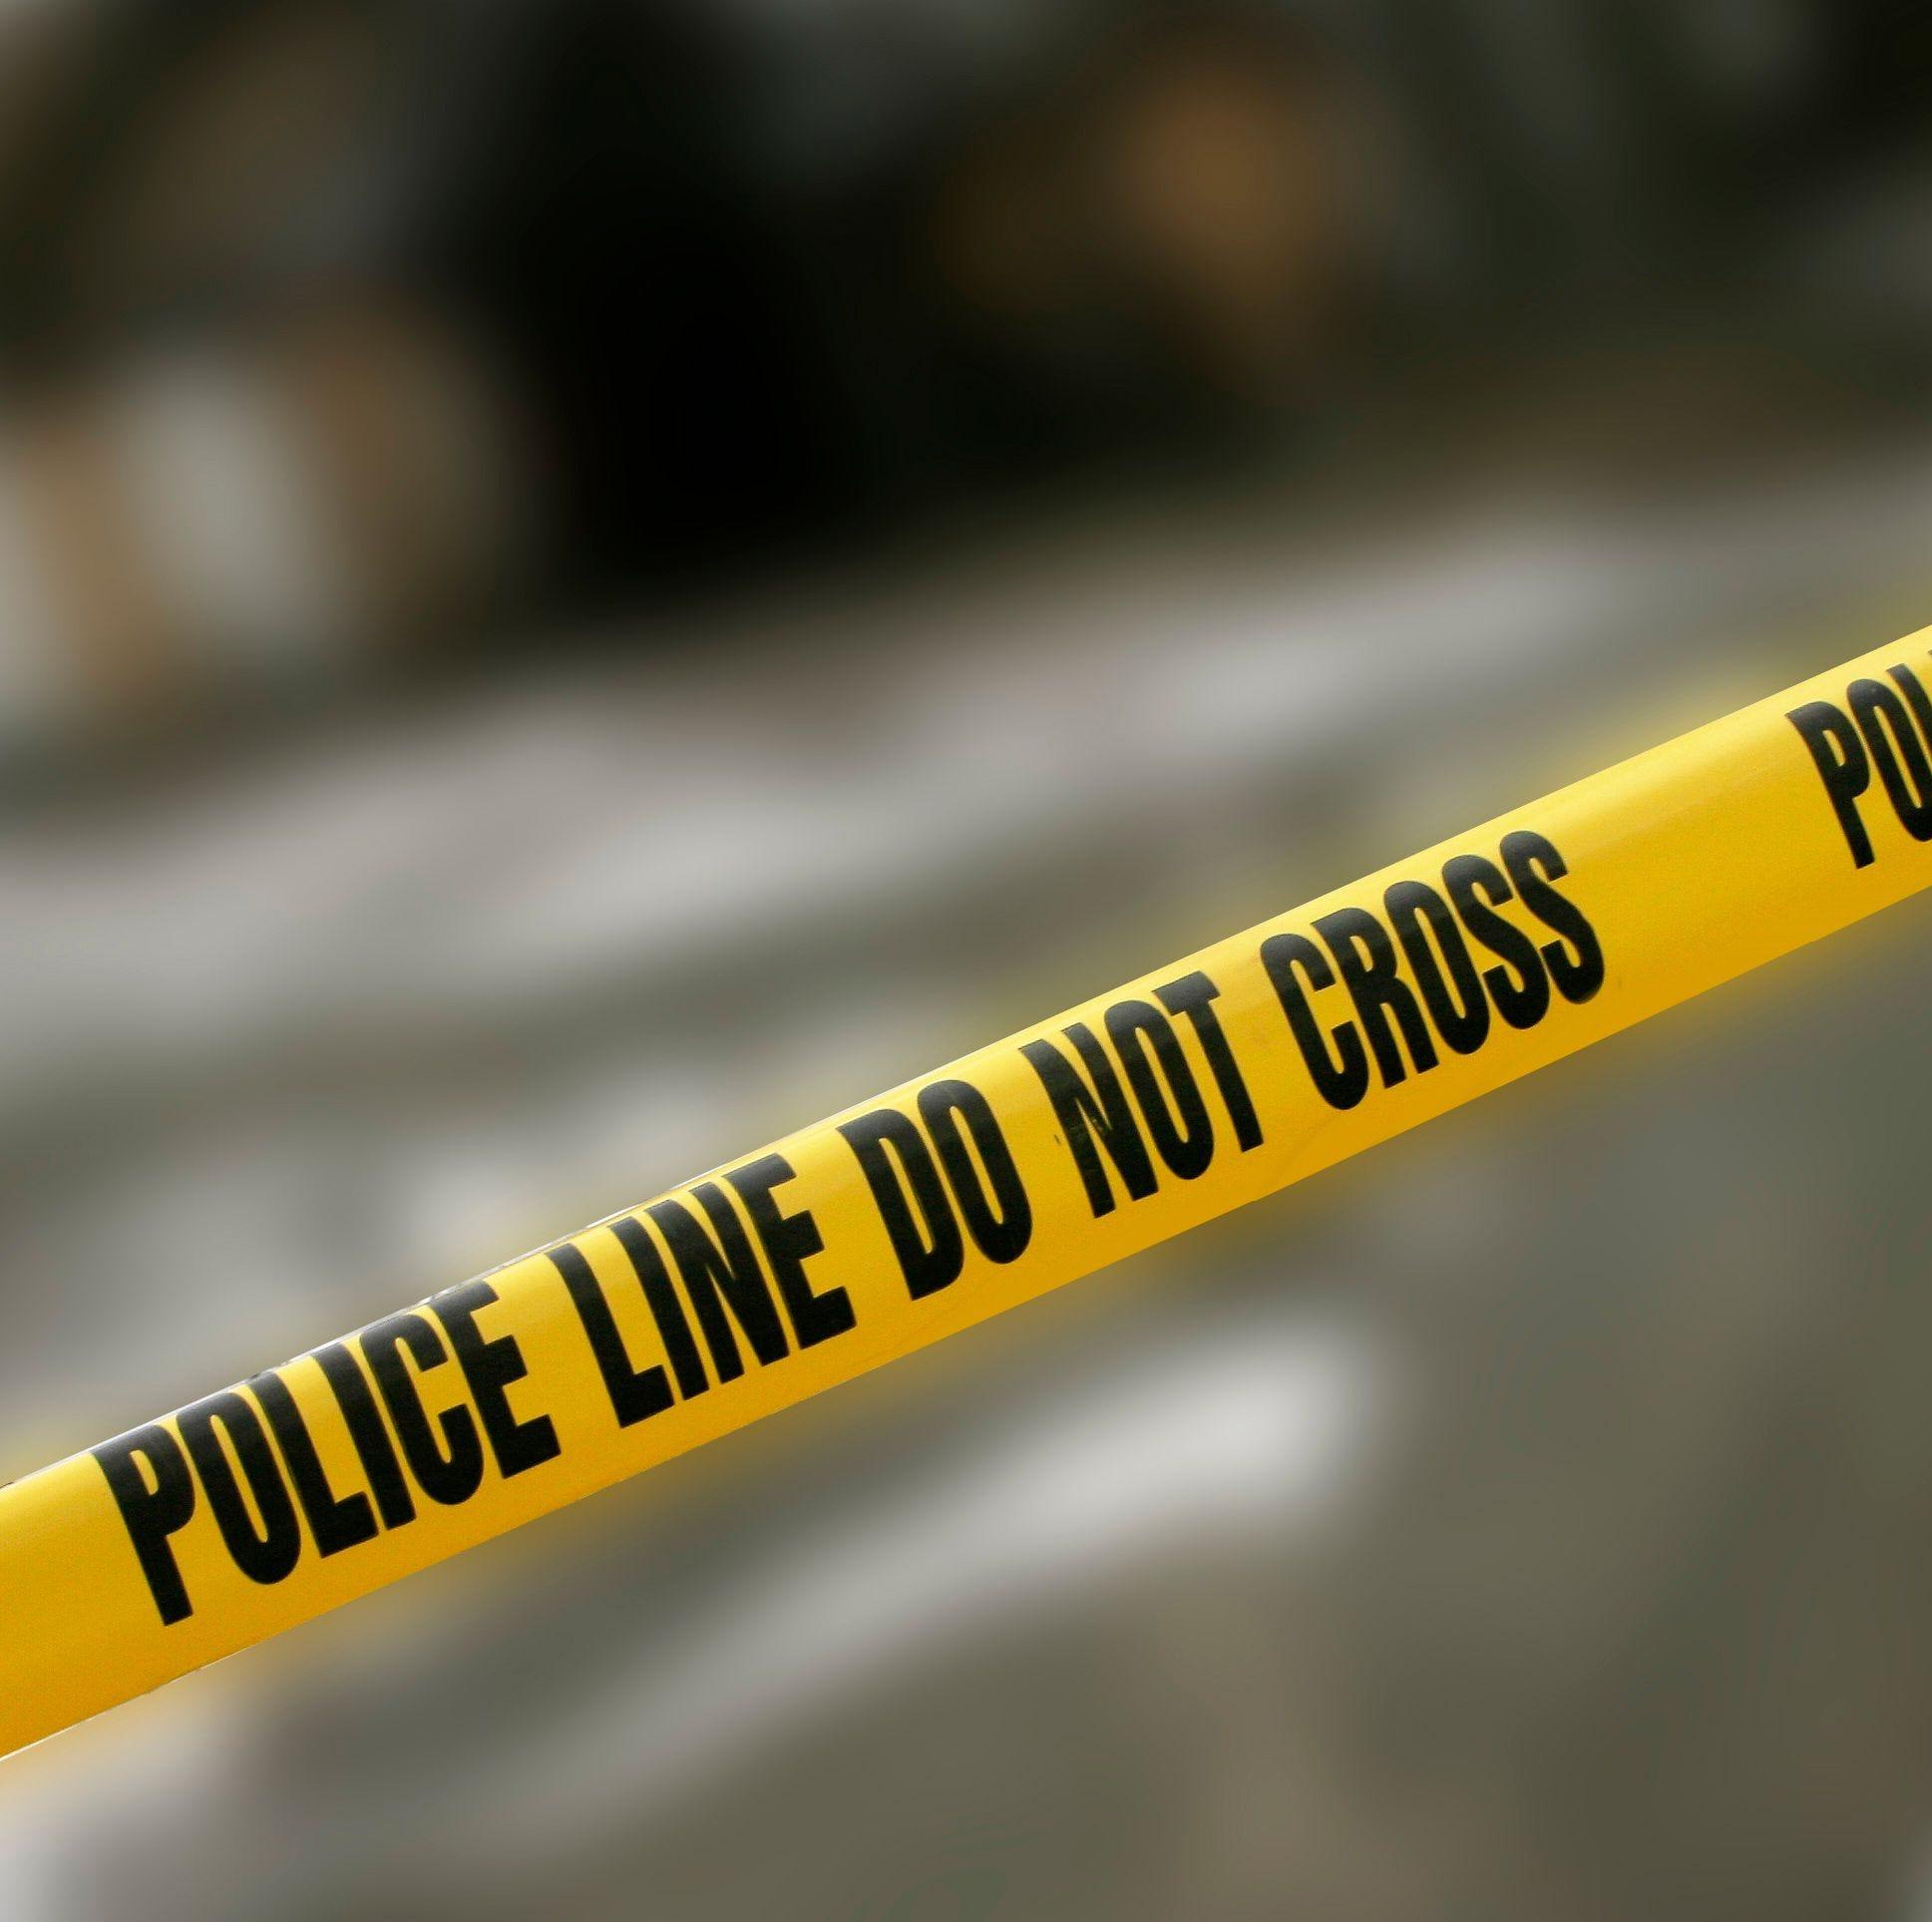 Teen fatally shot in Roseville, suspect on run